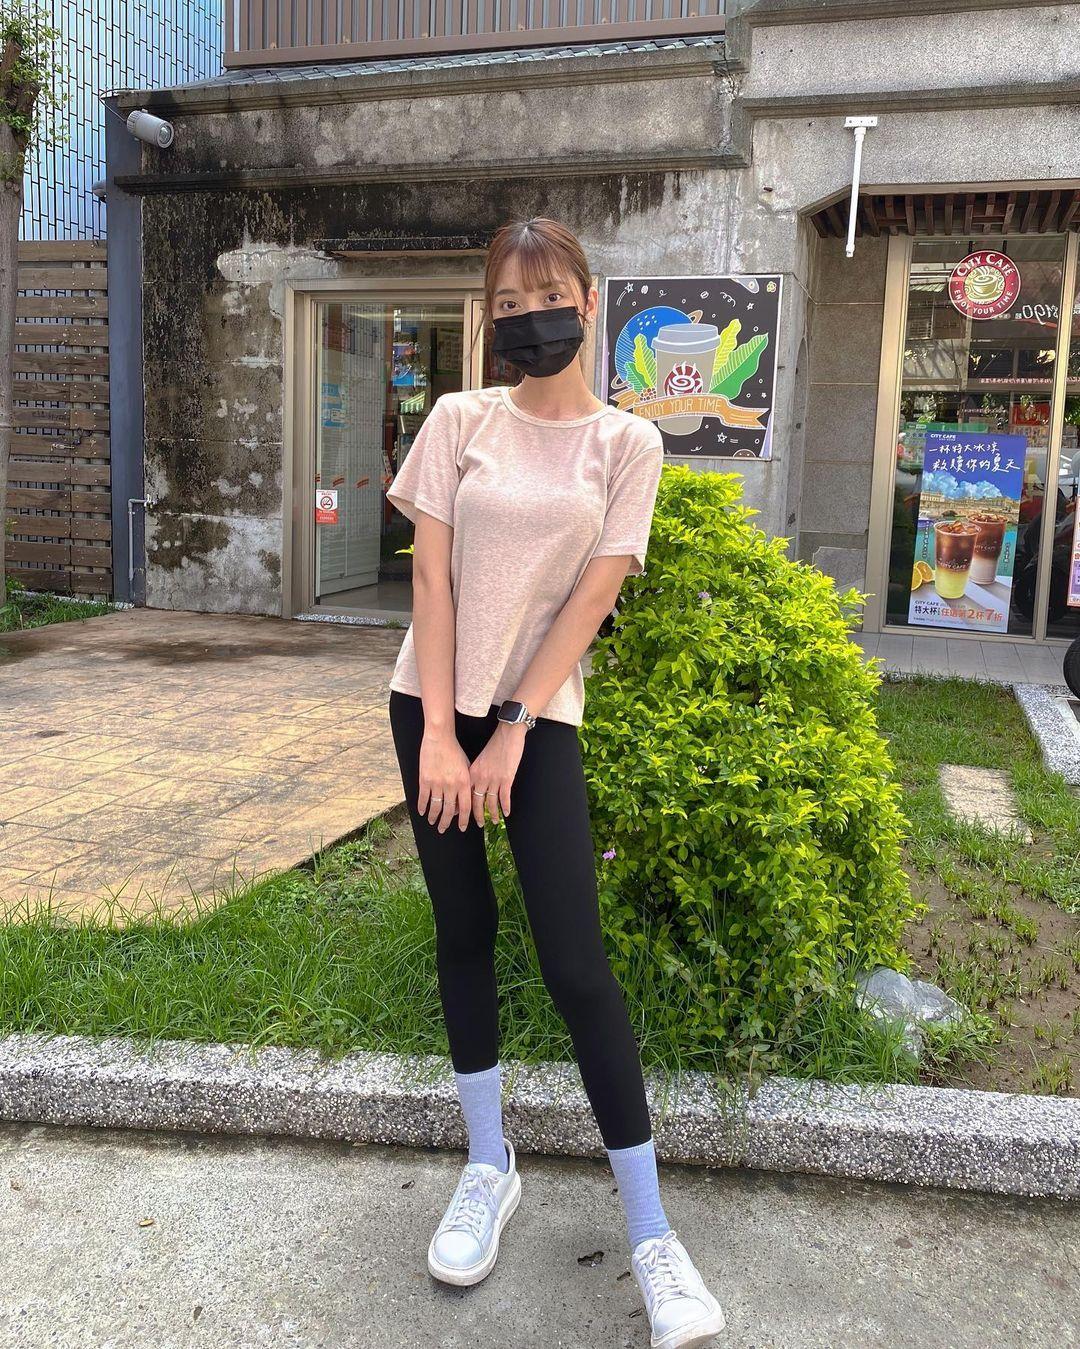 高雄小港高中18岁清纯学生妹,短发俏丽笑容甜美,个人IG好几万人追踪 养眼图片 第13张